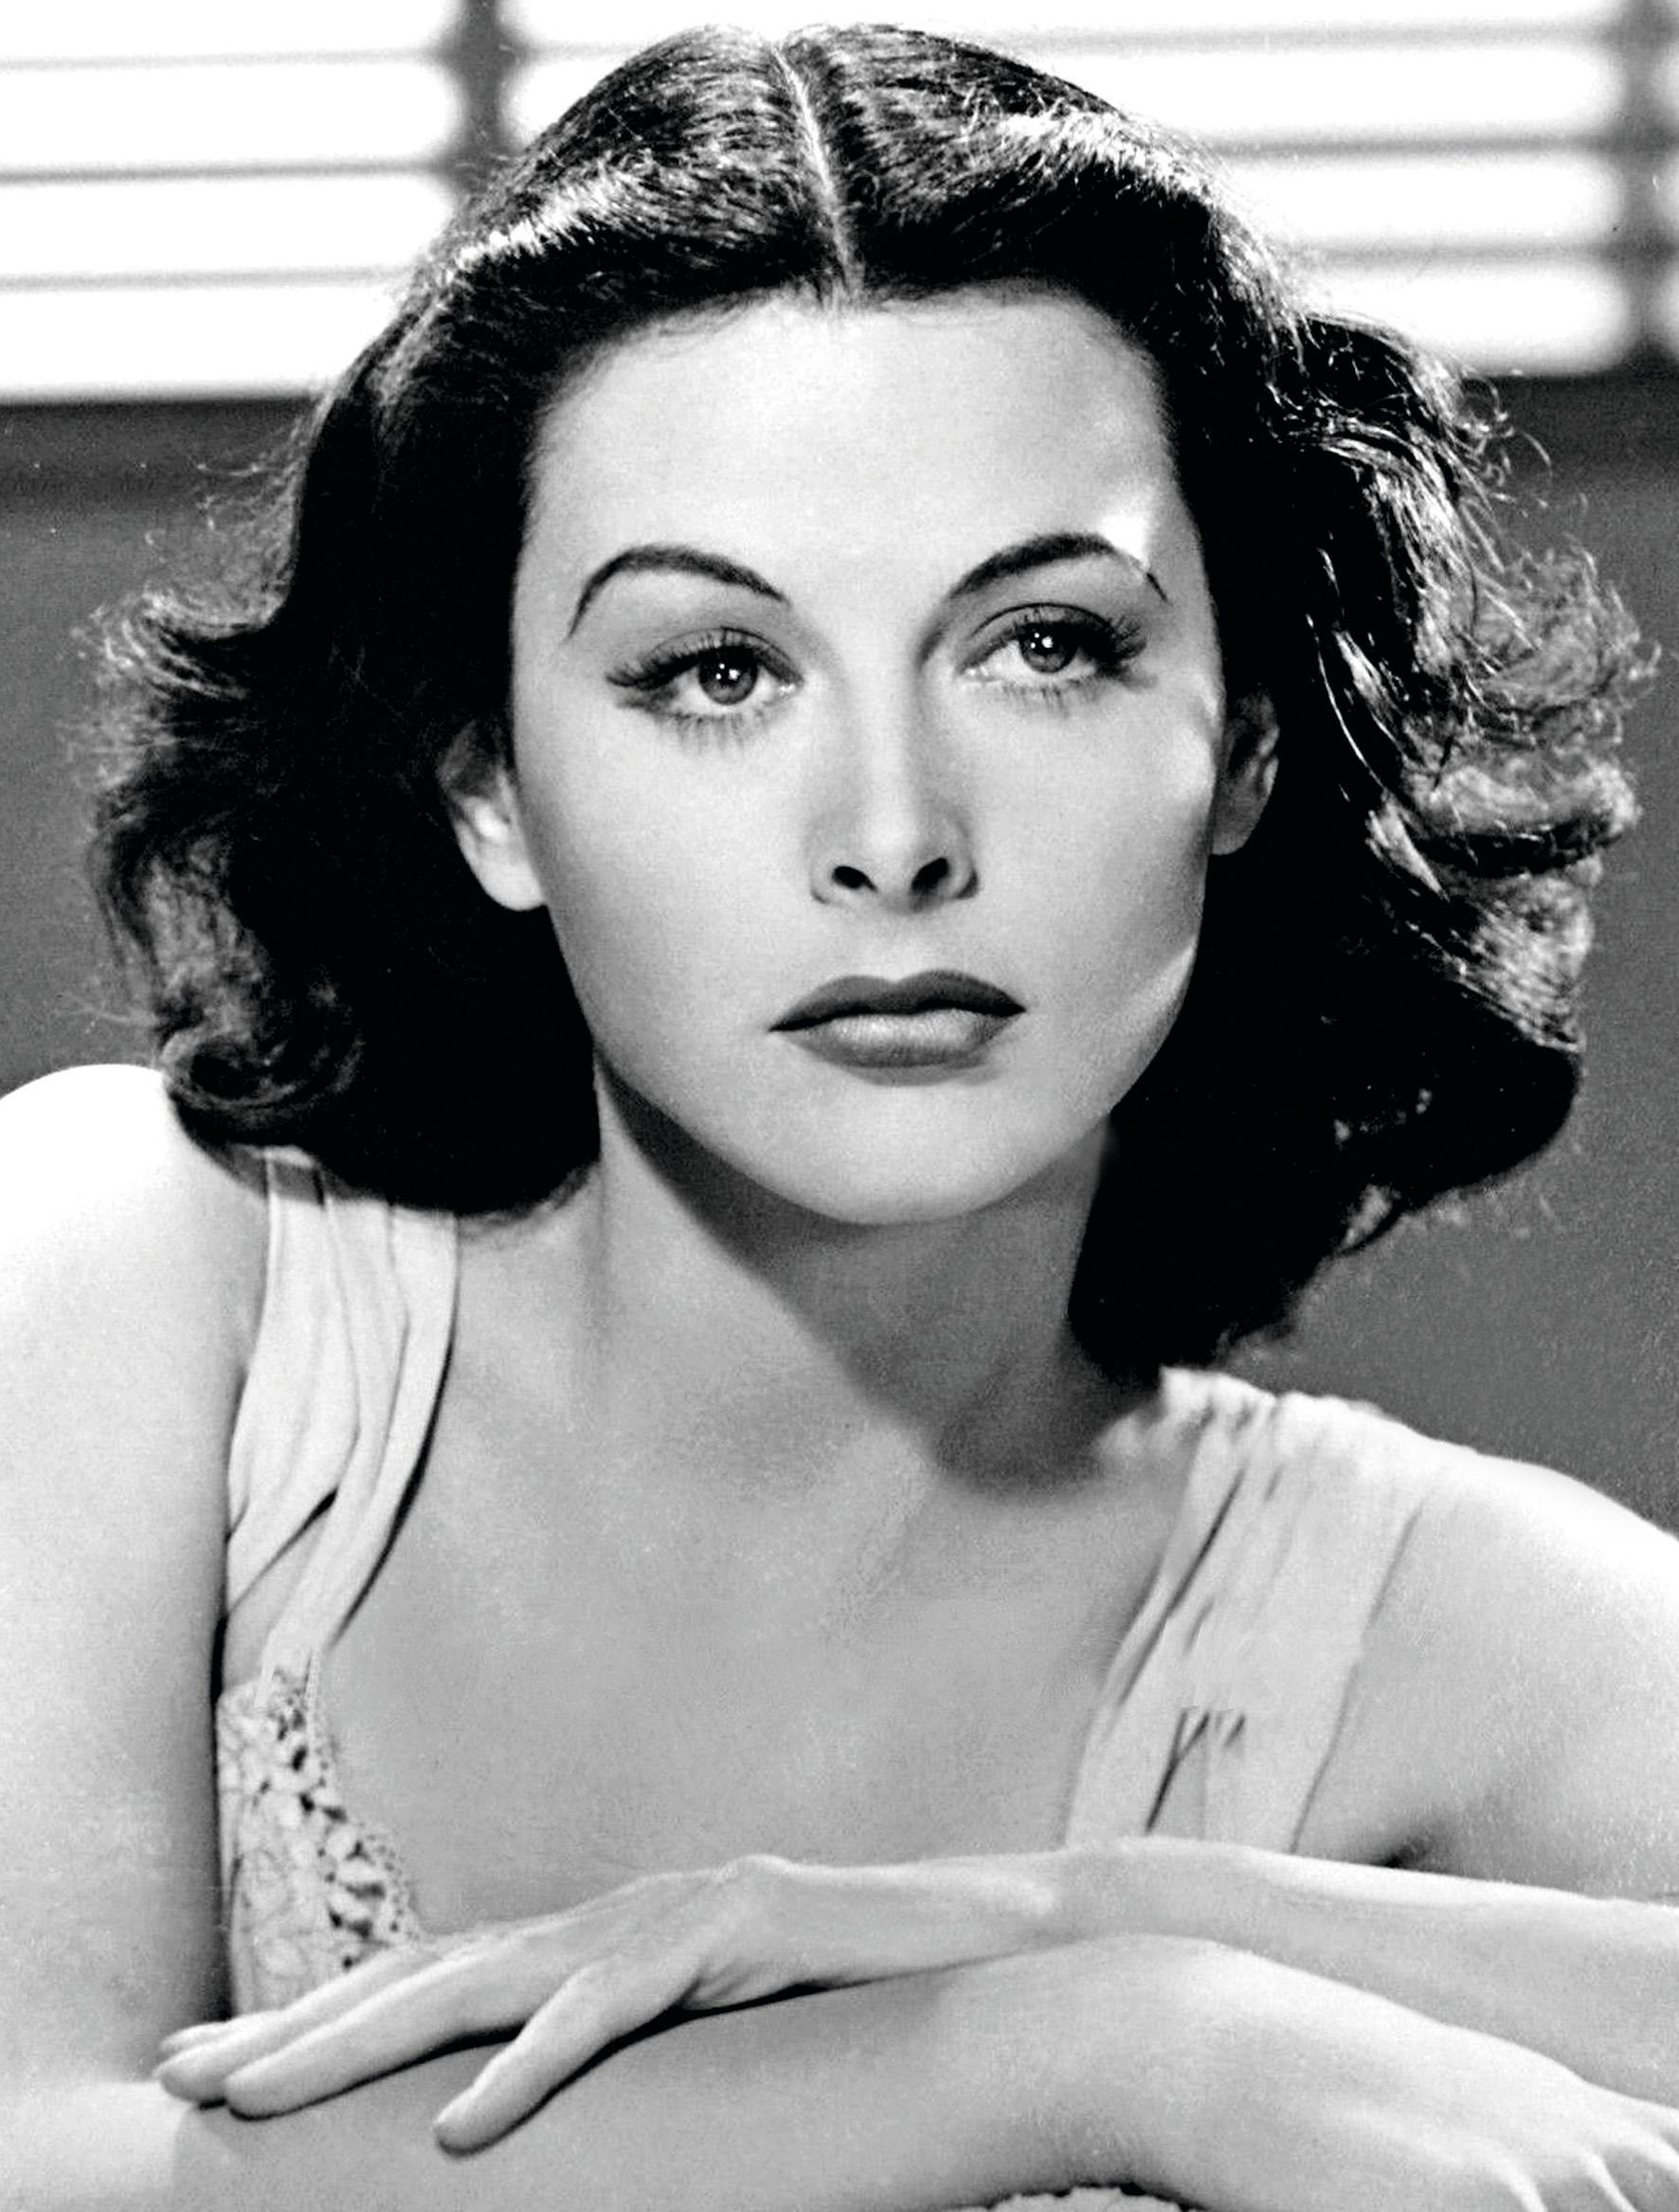 Portrait de l'actrice et femme de sciences Hedy Lamarr, 1940.